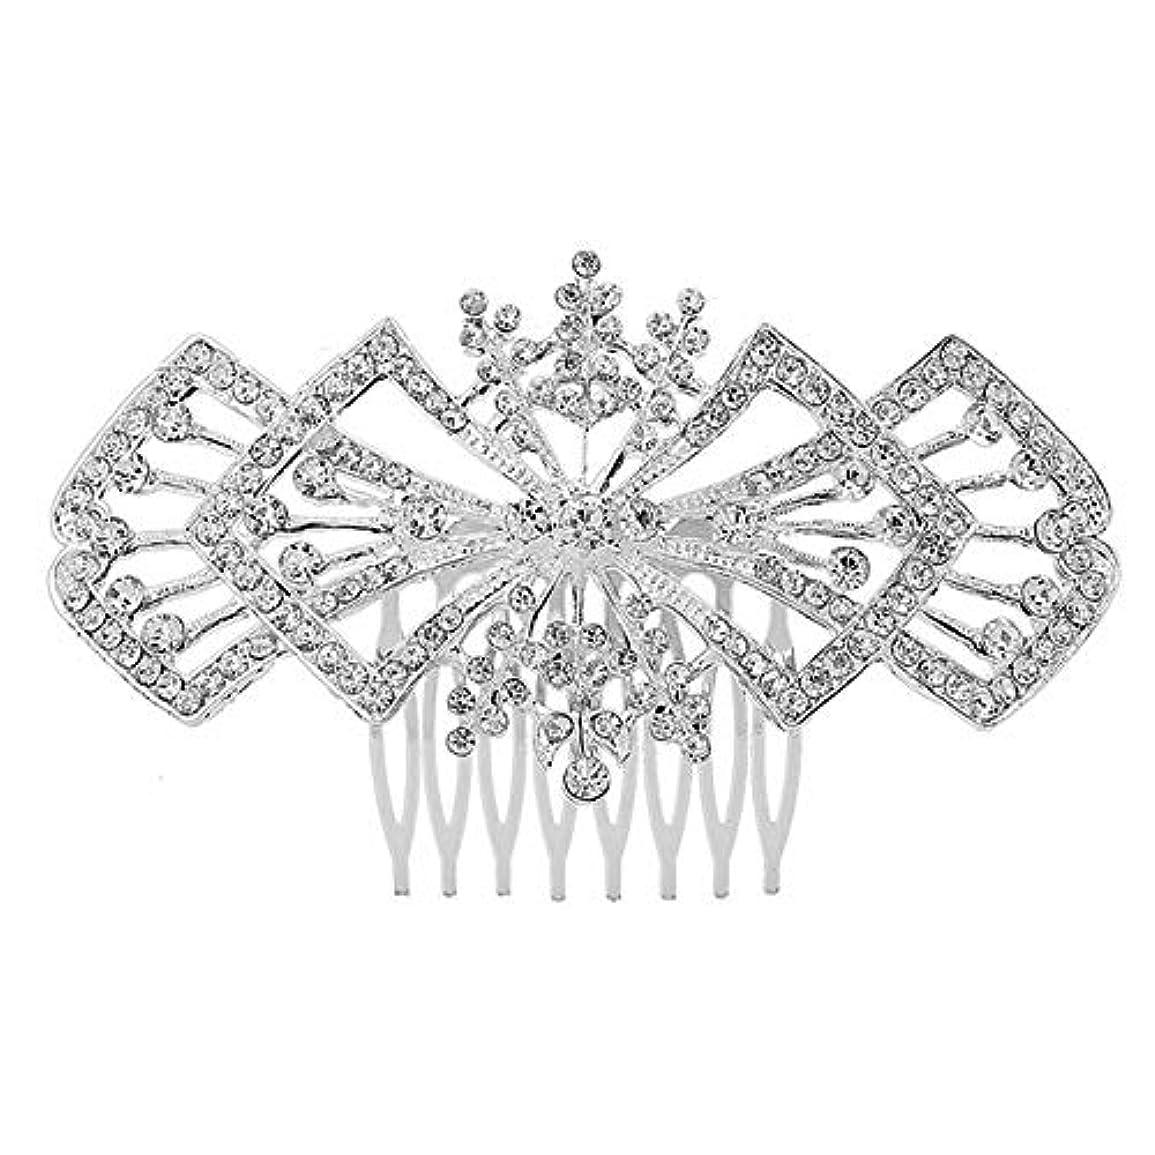 列挙するのみ勉強する髪の櫛の櫛の櫛の花嫁の髪の櫛の花の髪の櫛のラインストーンの挿入物の櫛の合金の帽子の結婚式の宝石類